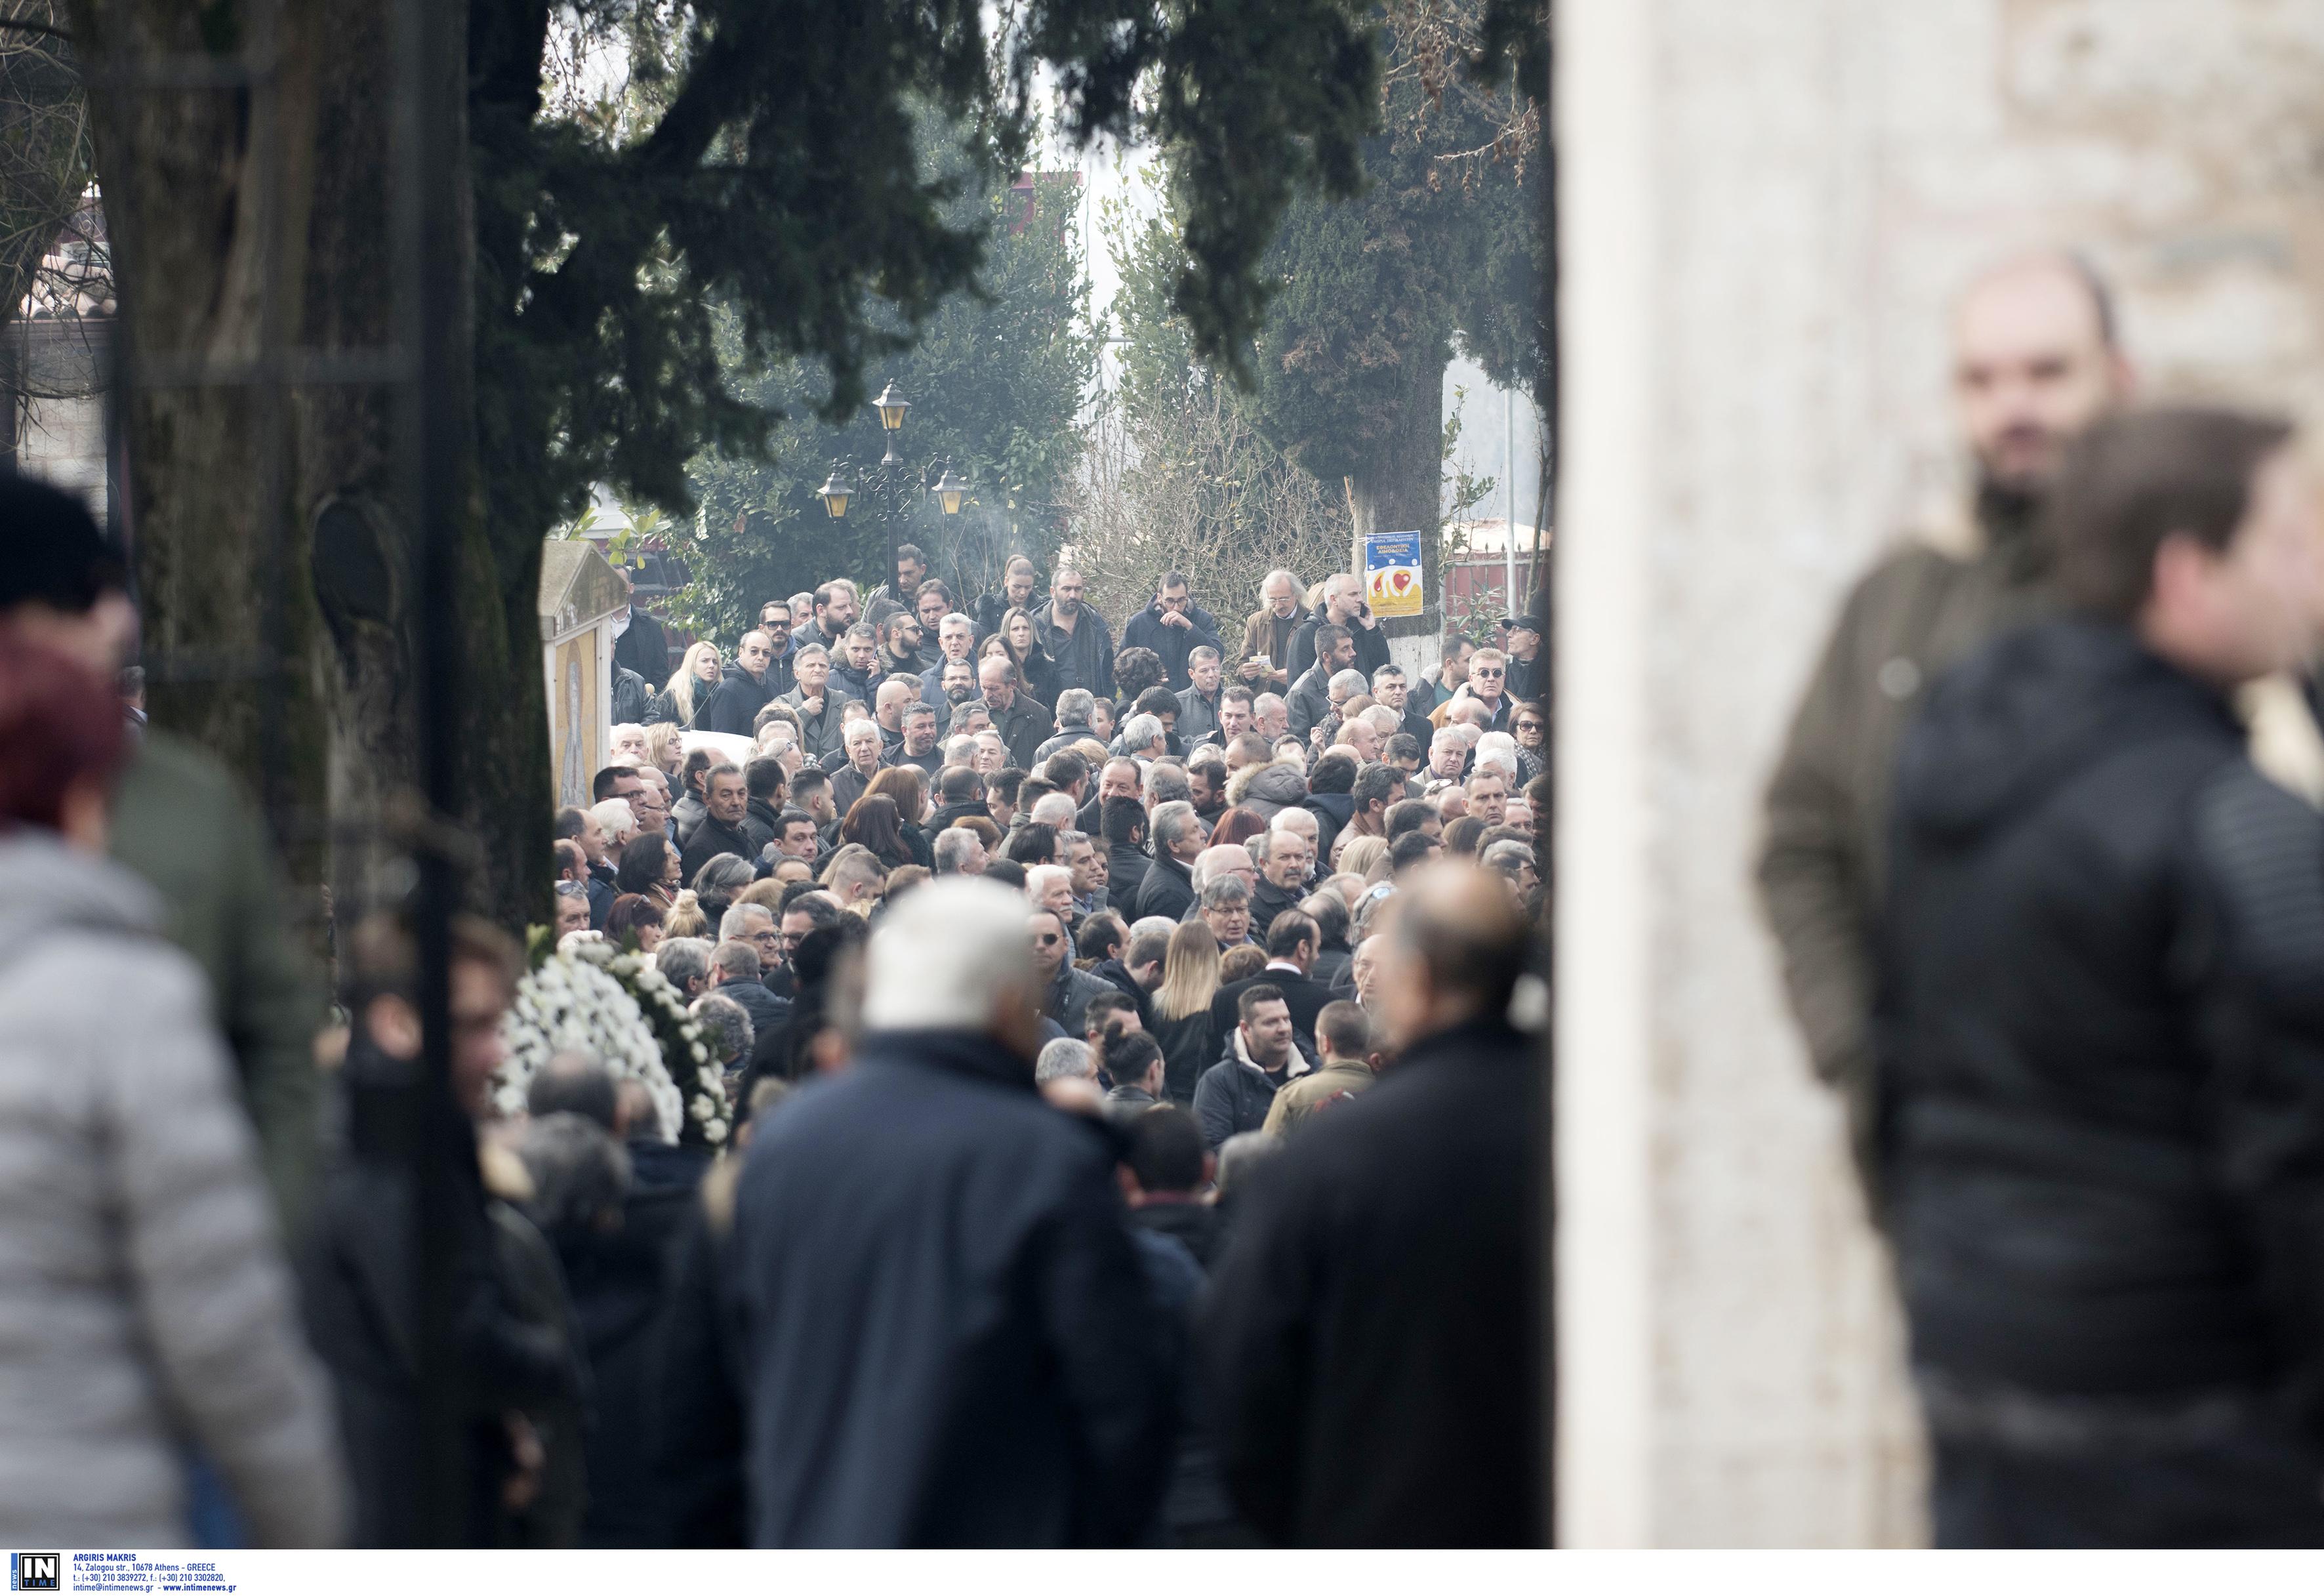 Θεόδωρος Νιτσιάκος: Ανείπωτη θλίψη στο τελευταίο αντίο…